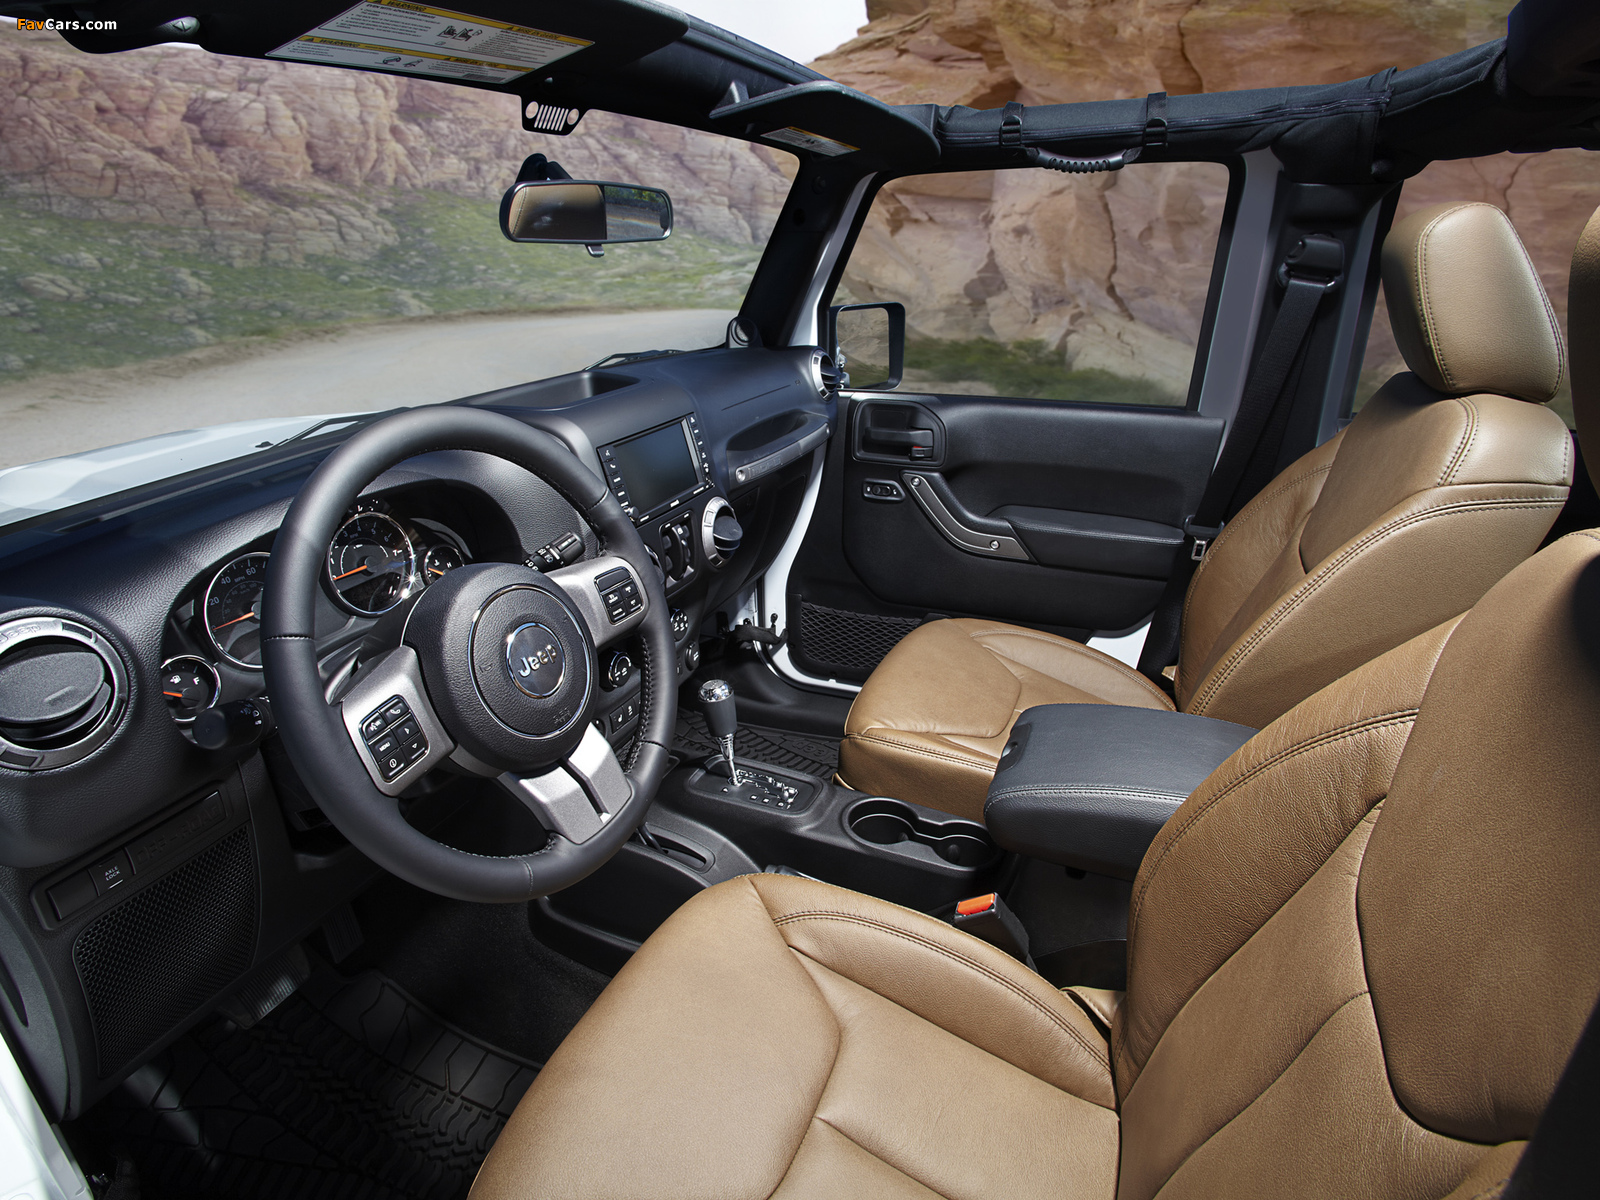 Jeep Wrangler Unlimited Moab (JK) 2012 photos (1600 x 1200)